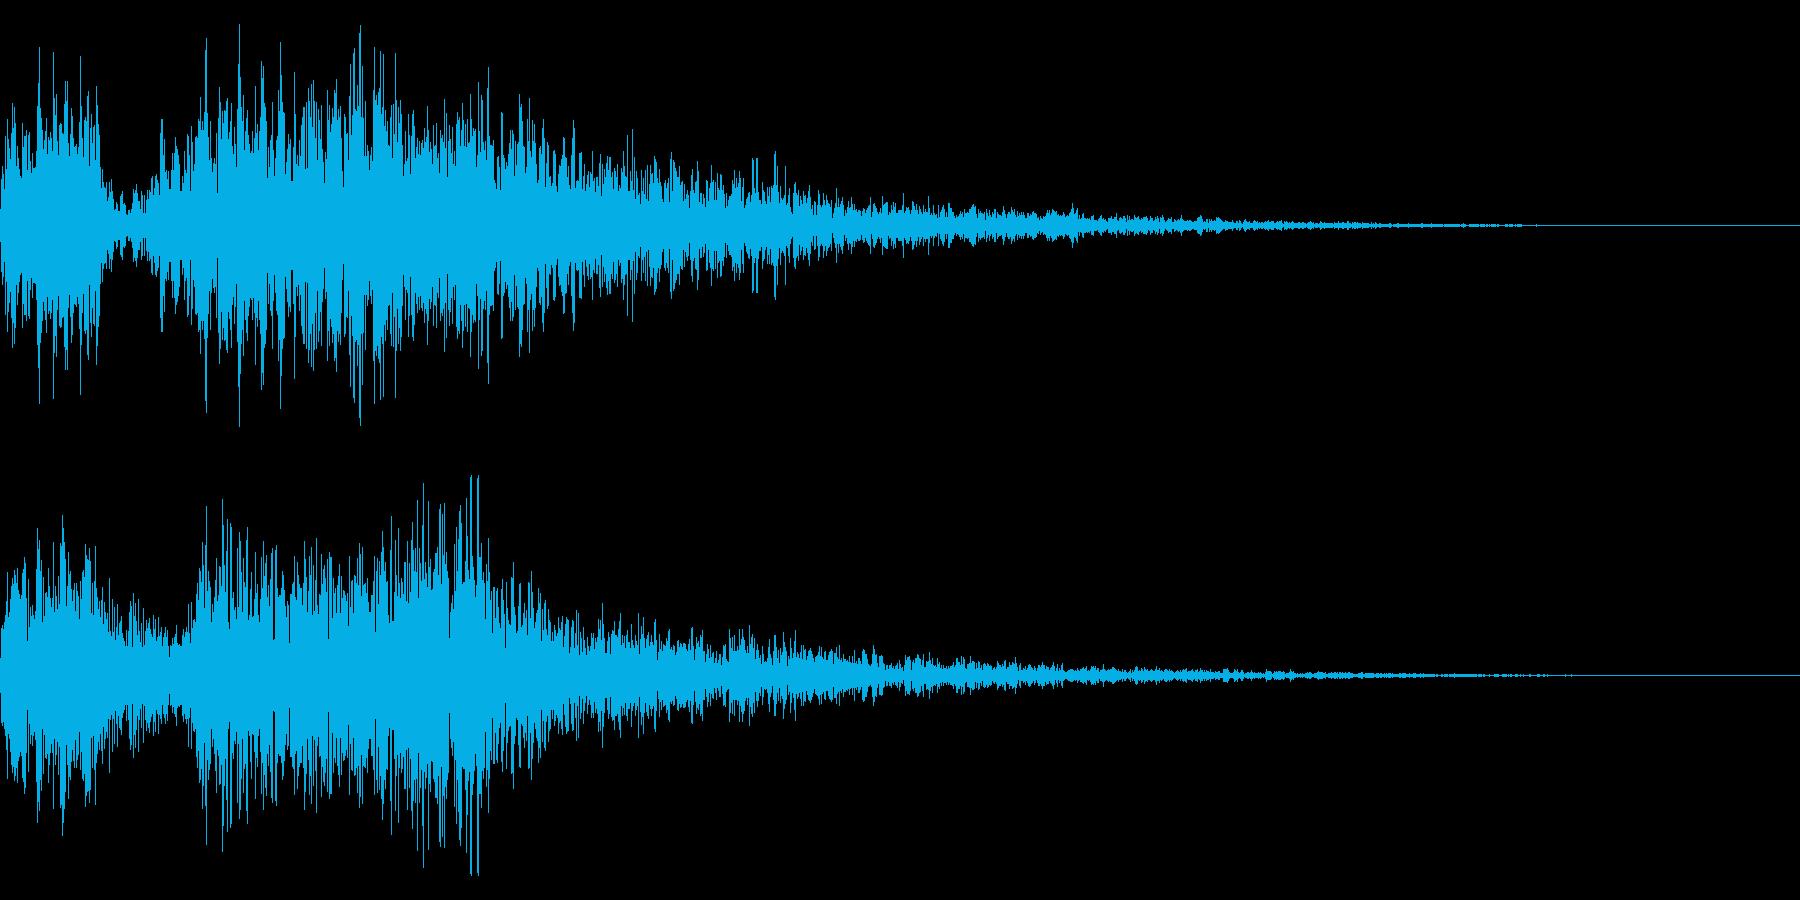 レトロ風な短めゲームオーバー音 ミス音の再生済みの波形